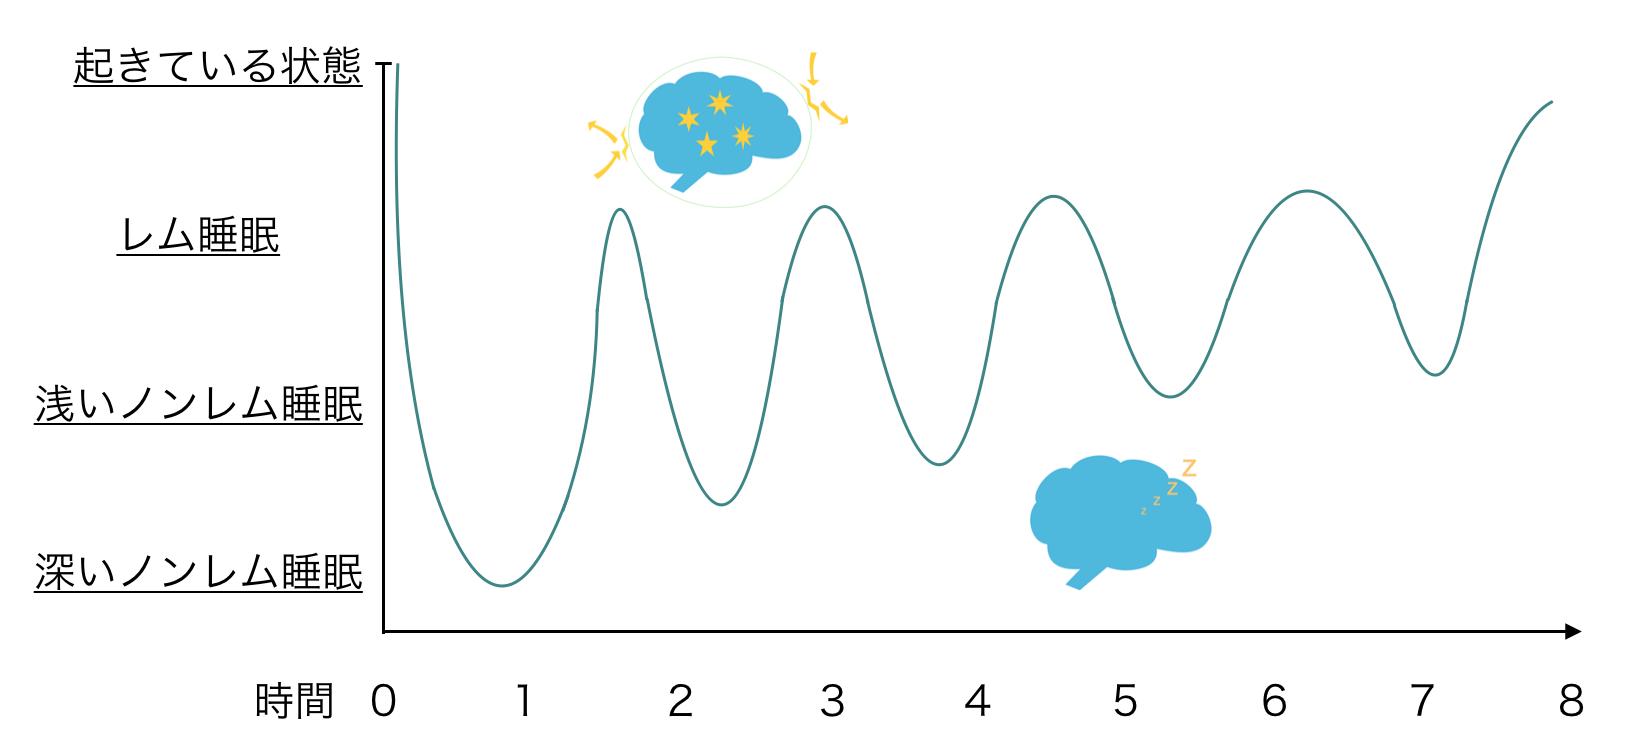 レム睡眠とノンレム睡眠の睡眠サイクル